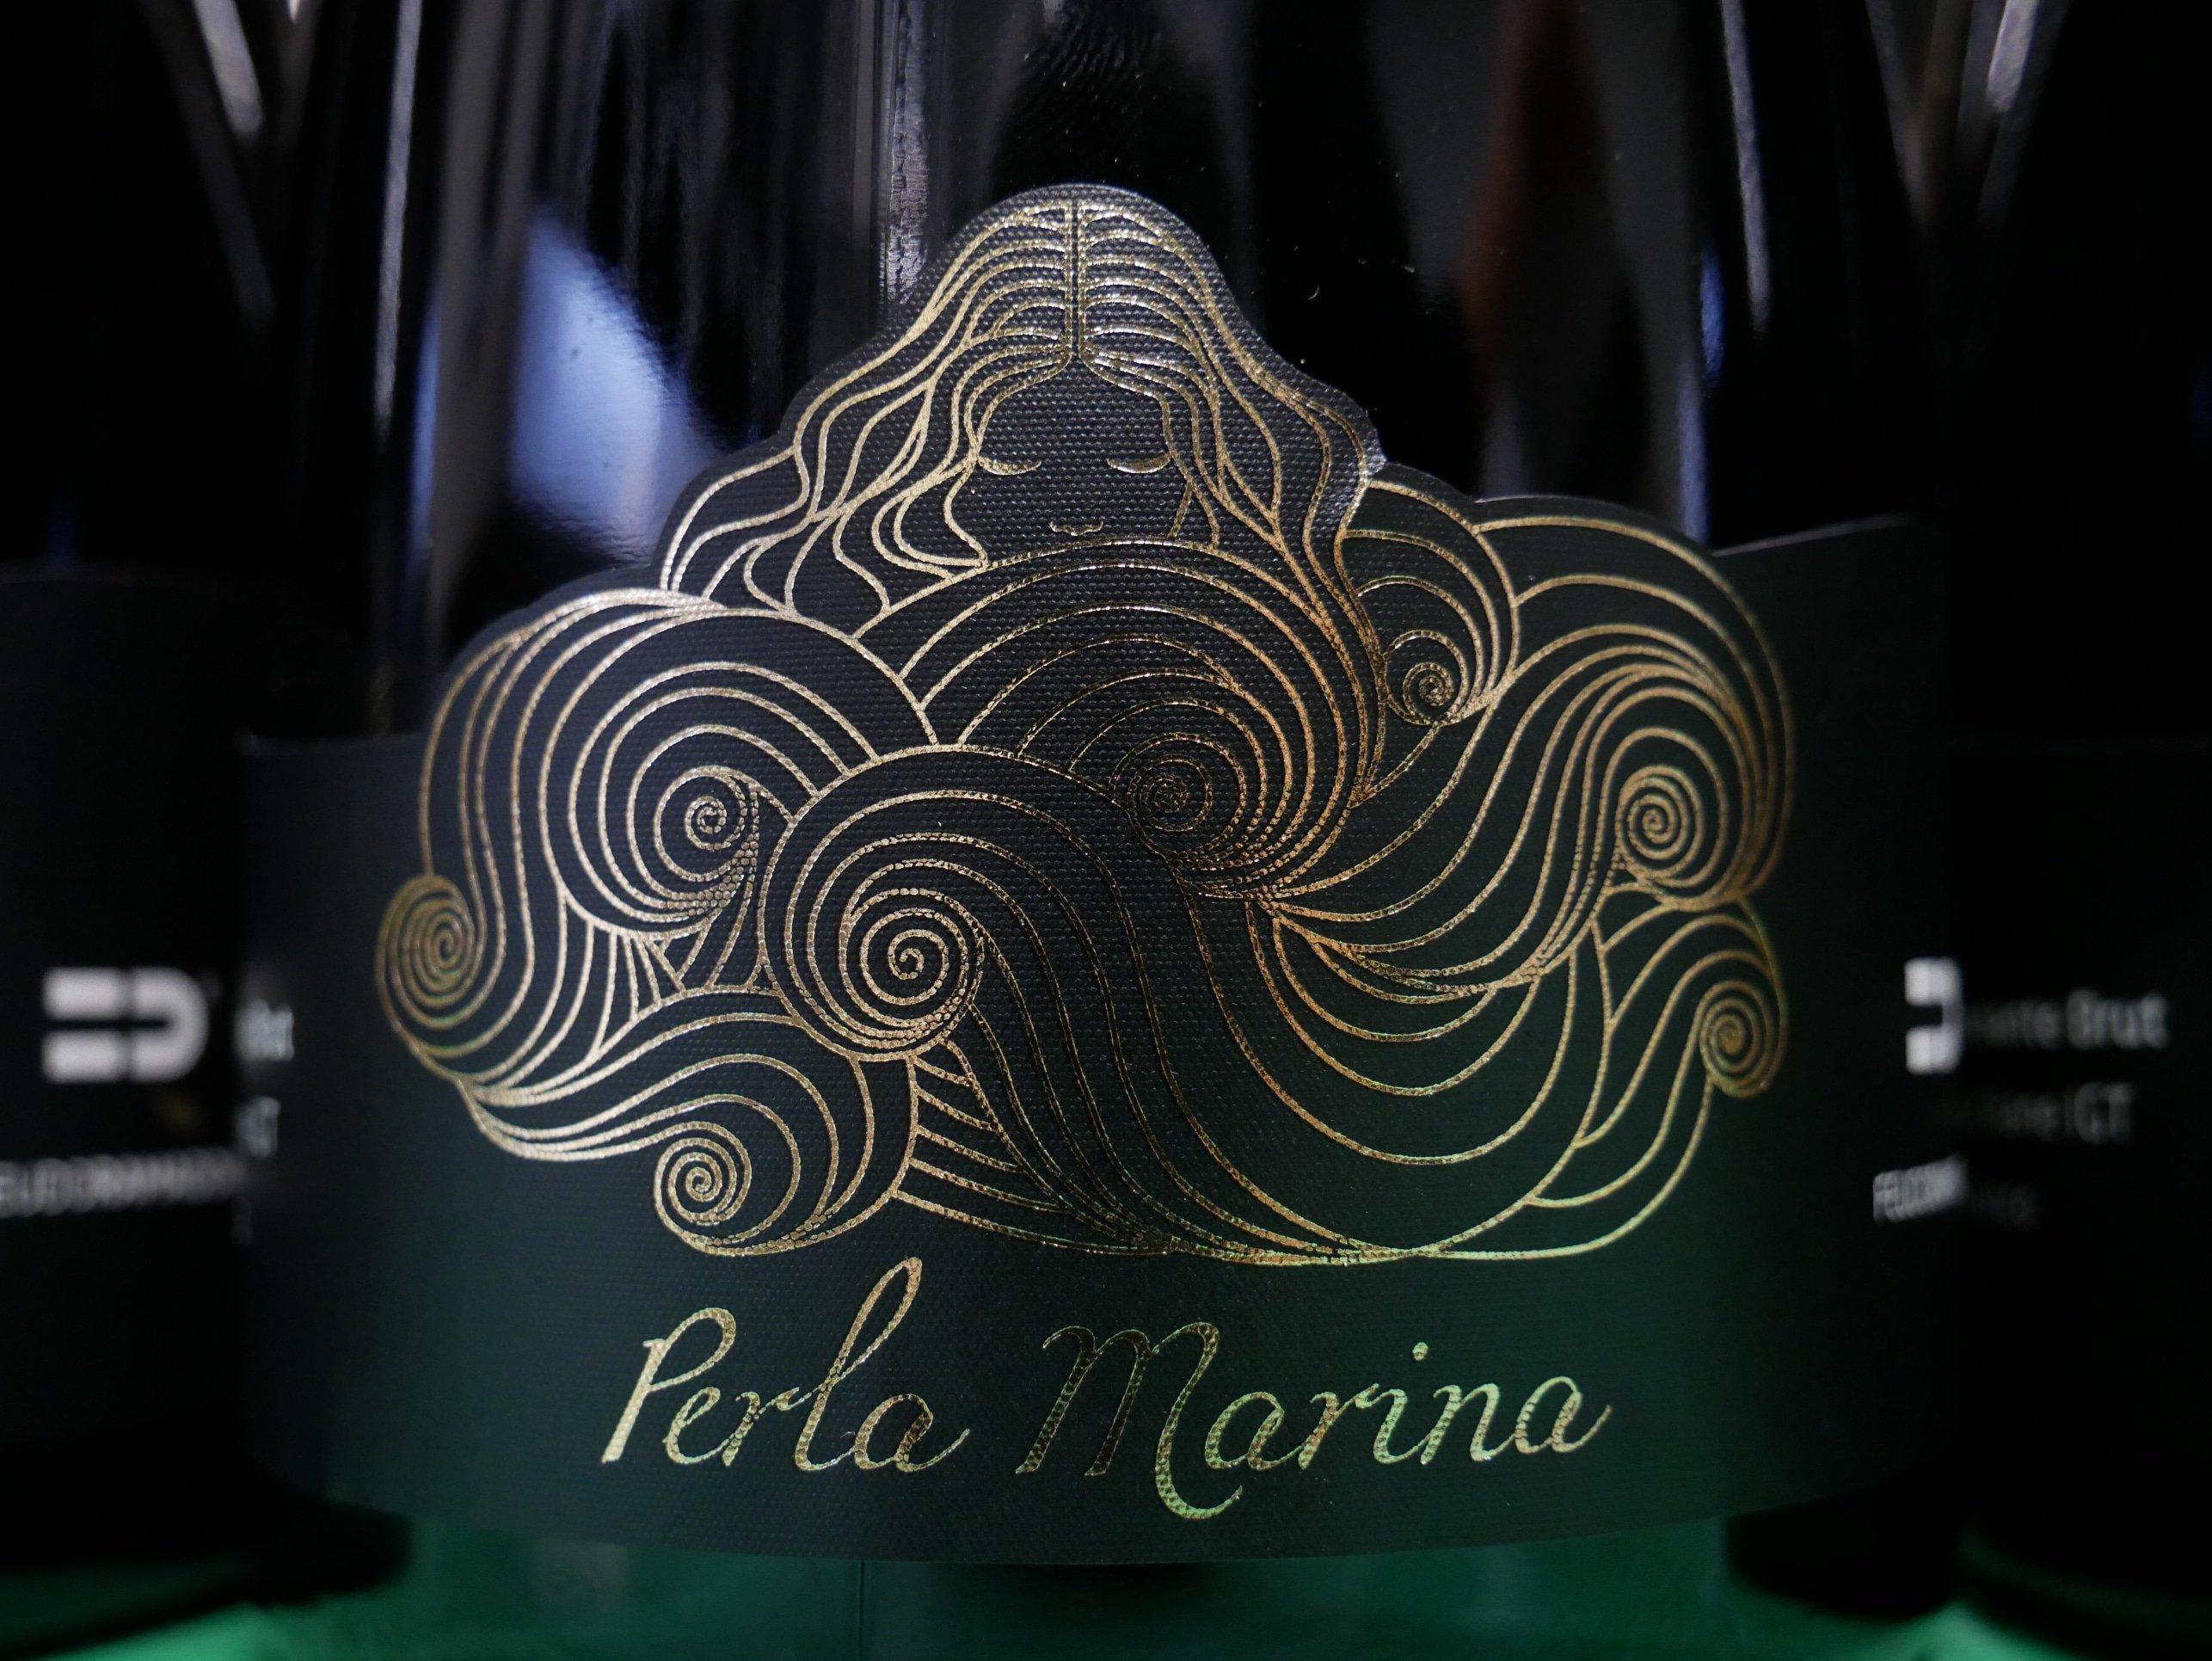 PERLA-MARINA-BOLLICINE